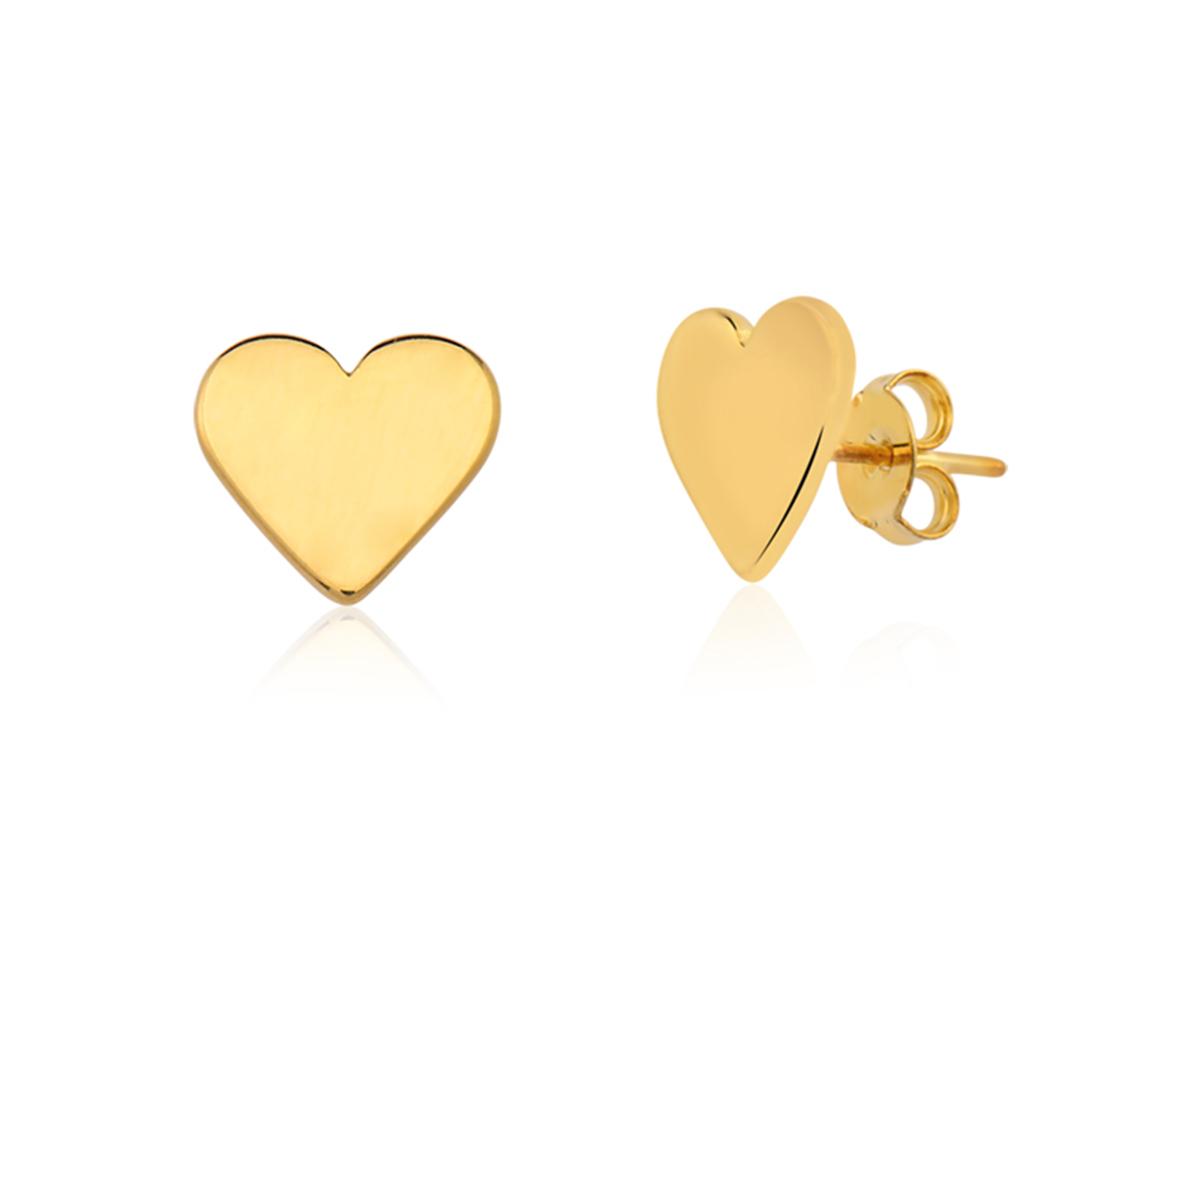 Brinco De Coração Folheado Em Ouro